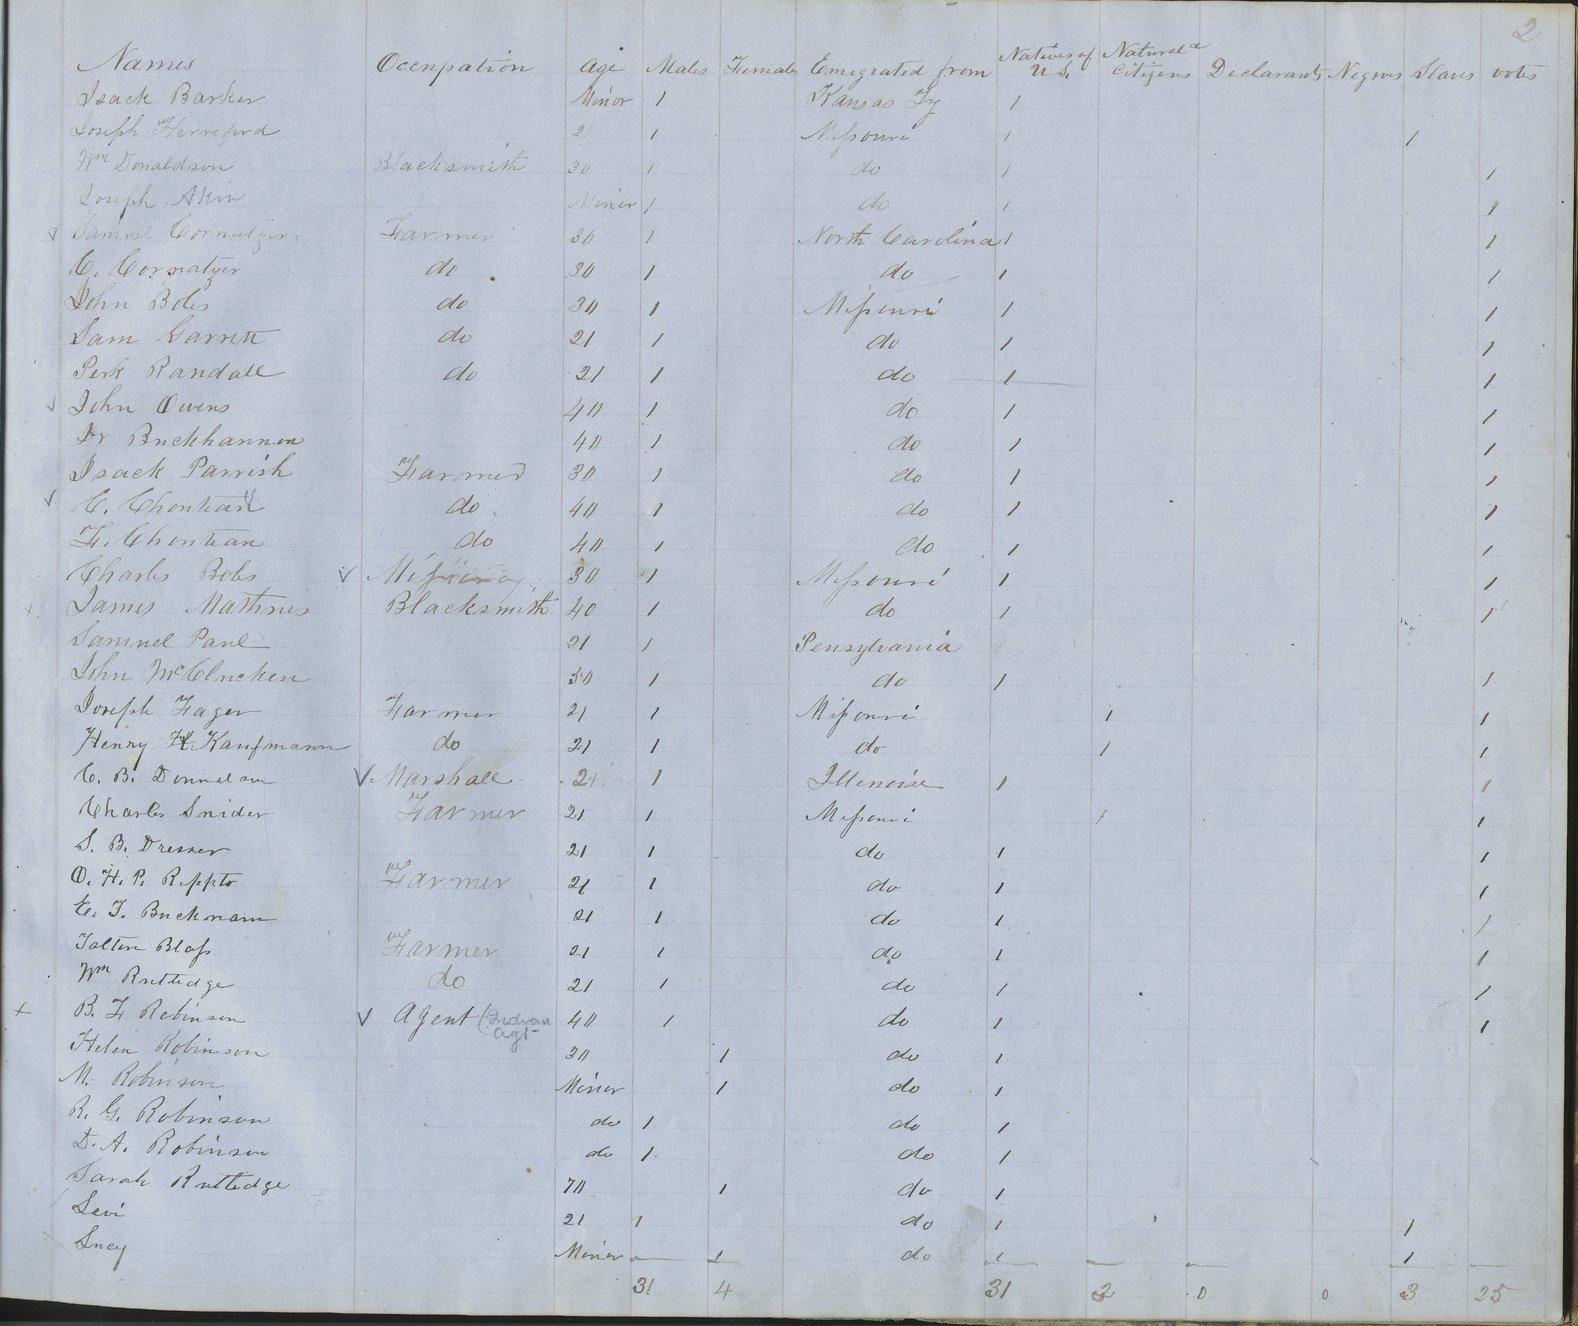 Kansas territorial census, 1855. District 17 - p. 4